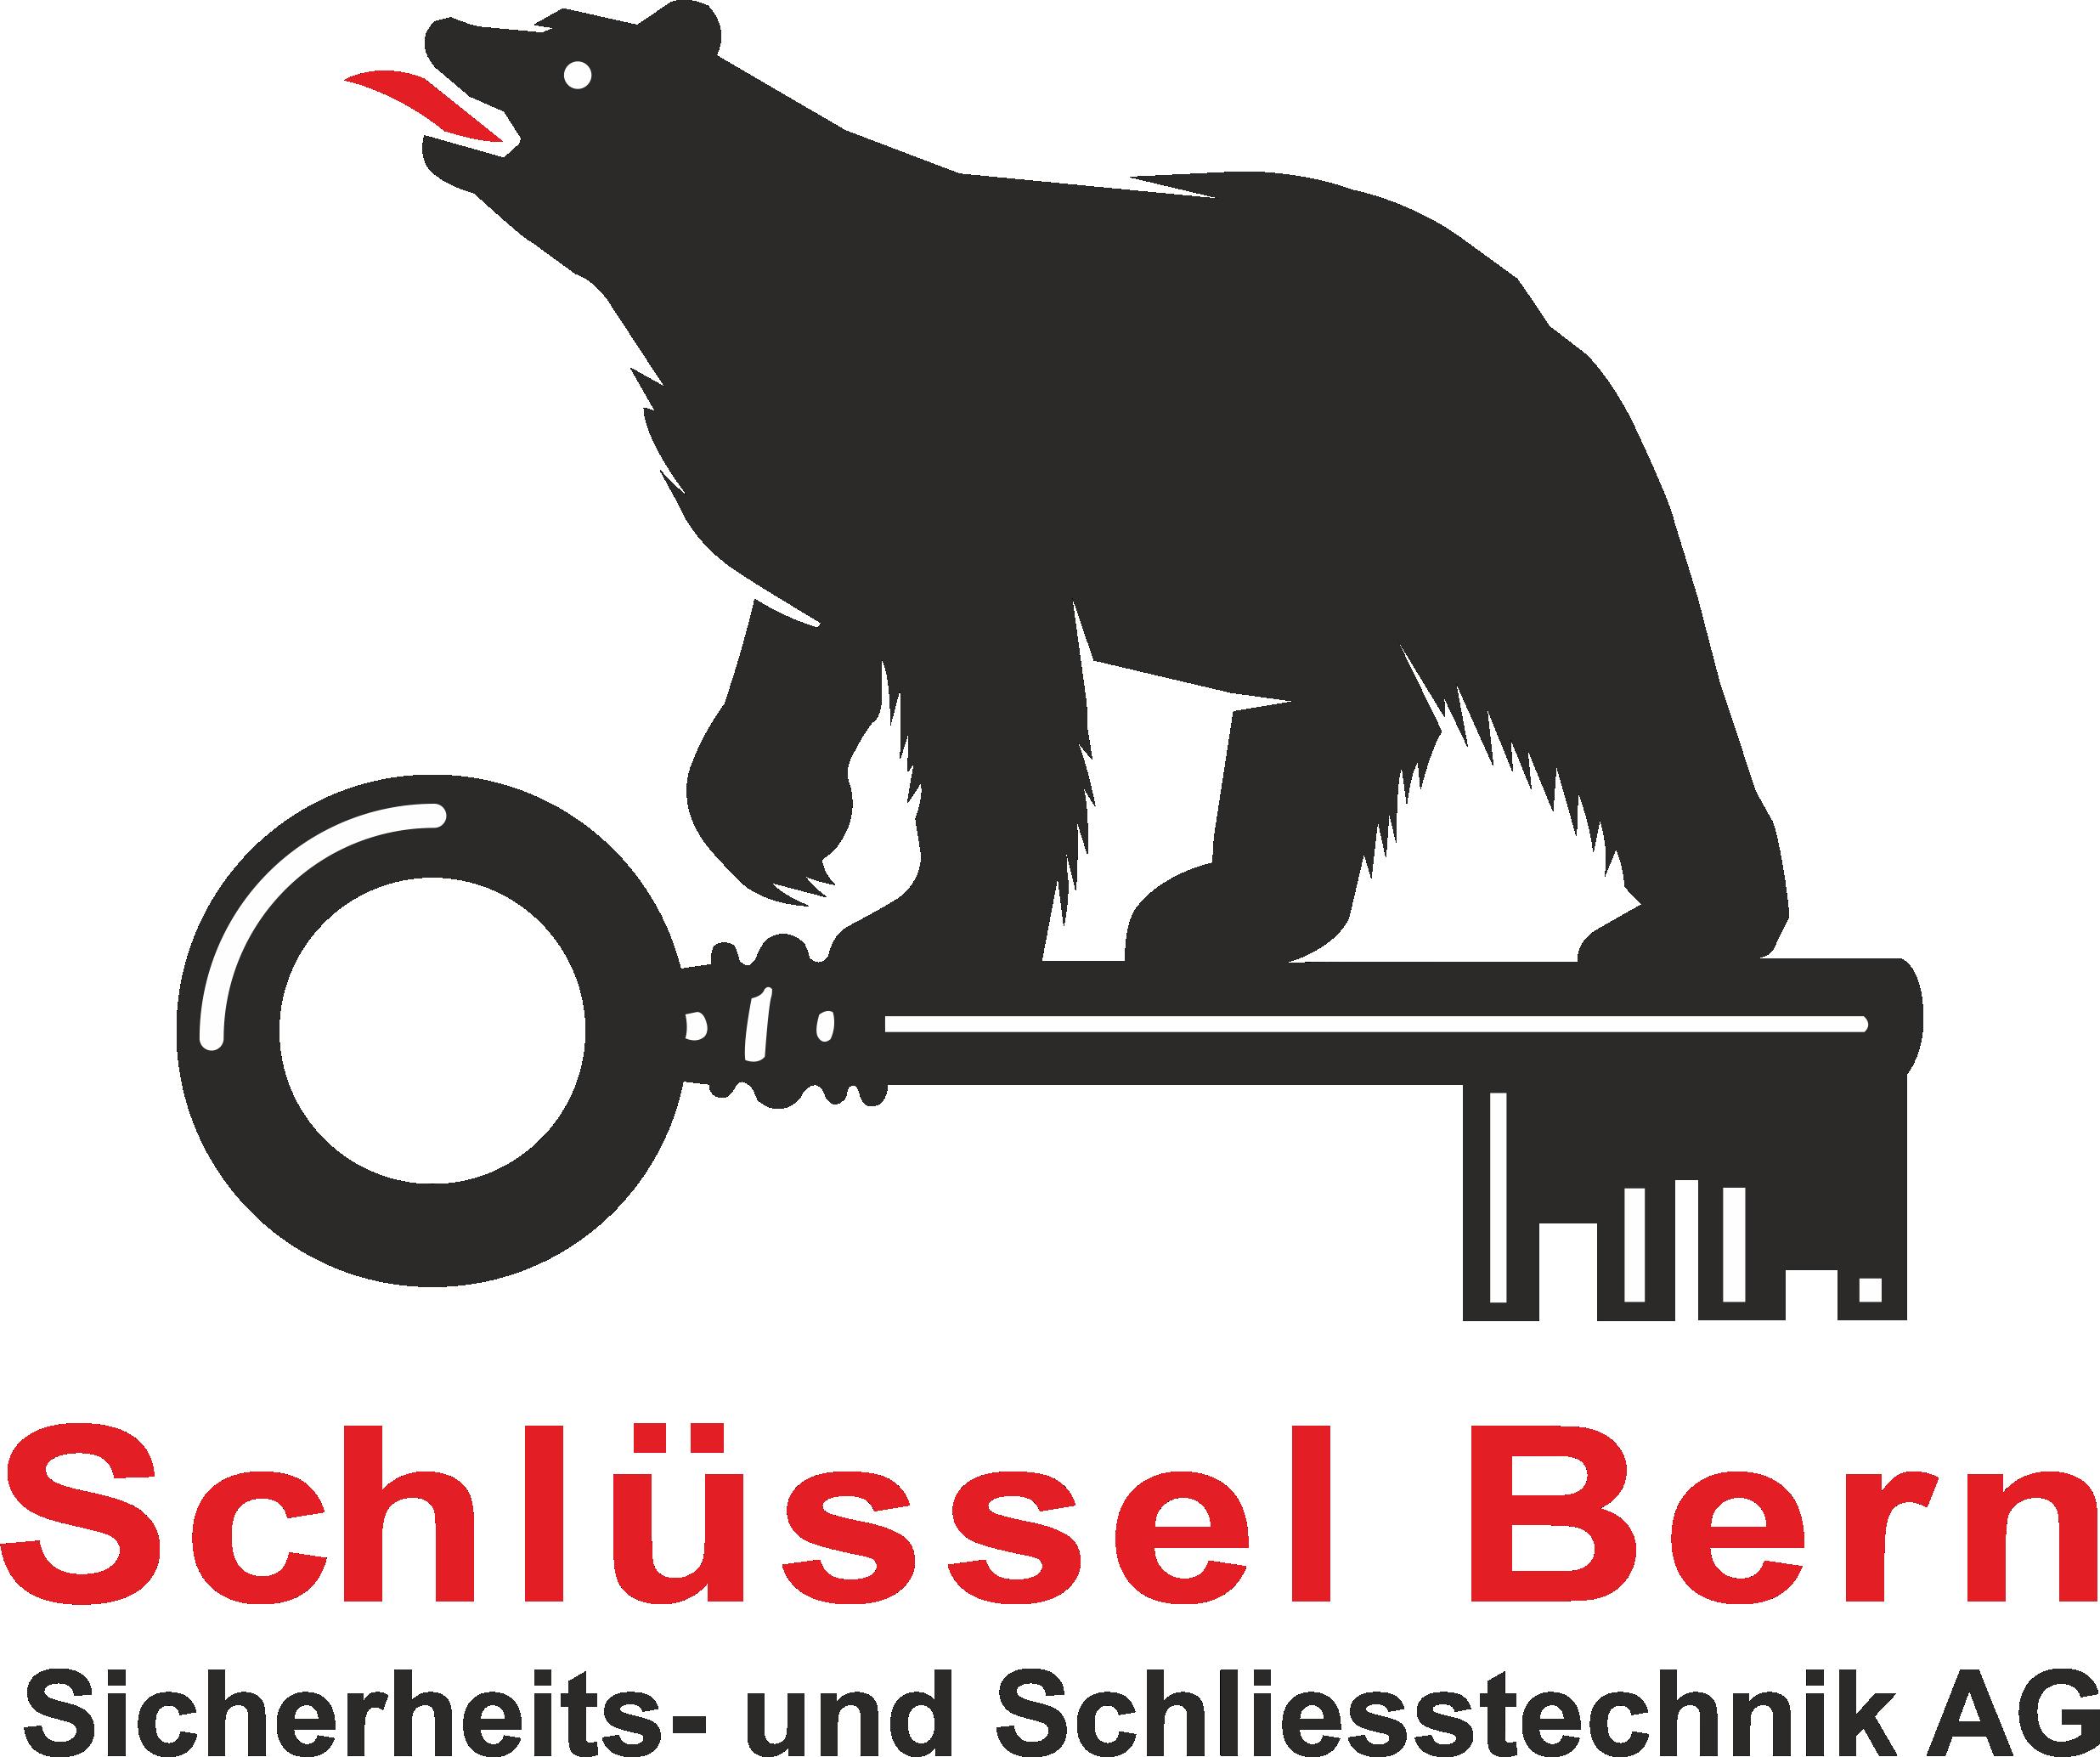 Schlüssel Bern Sicherheits- und Schliesstechnik AG